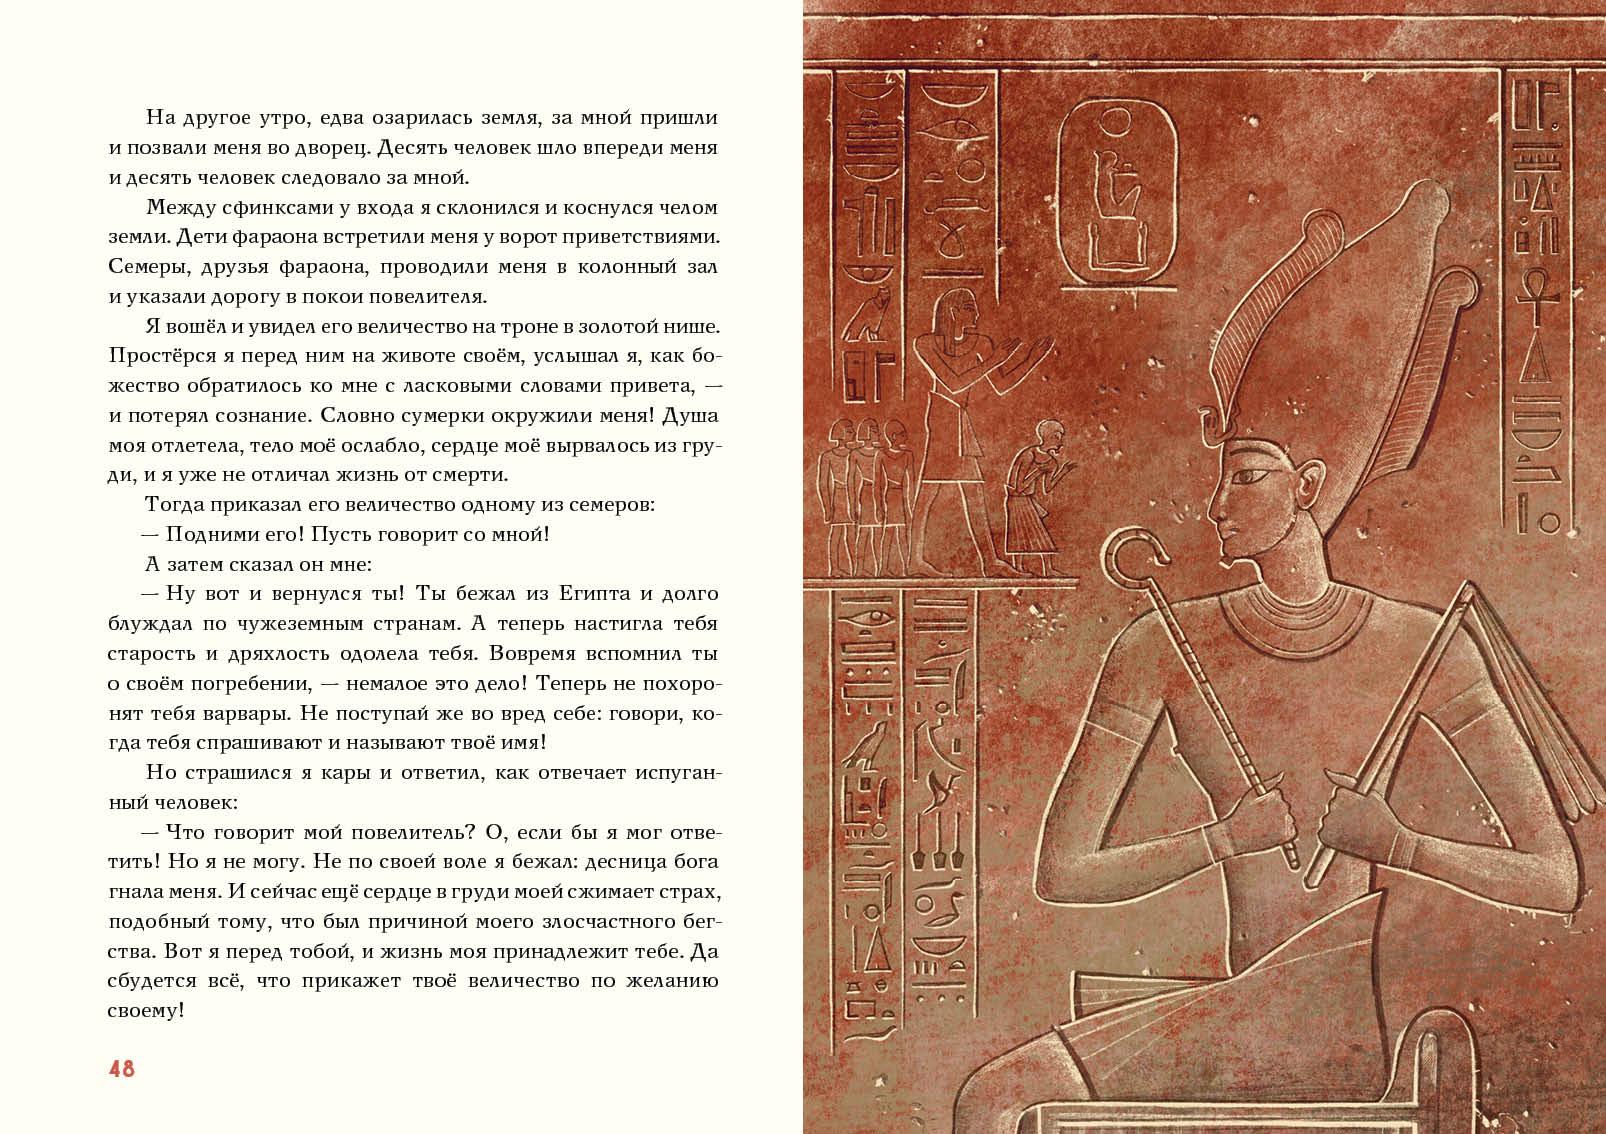 Сказки и повести Древнего Египта